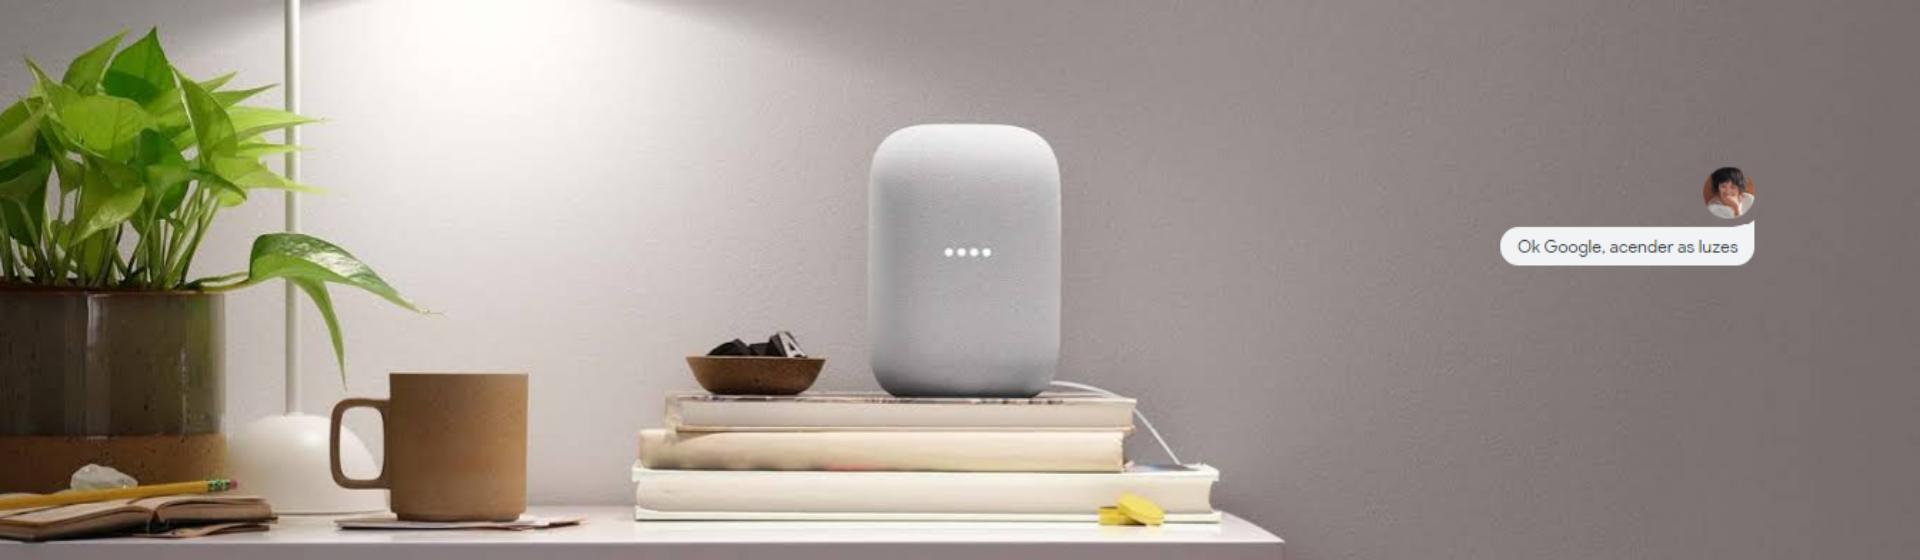 Google Nest Audio: nova caixa de som com assistente pessoal chega ao Brasil